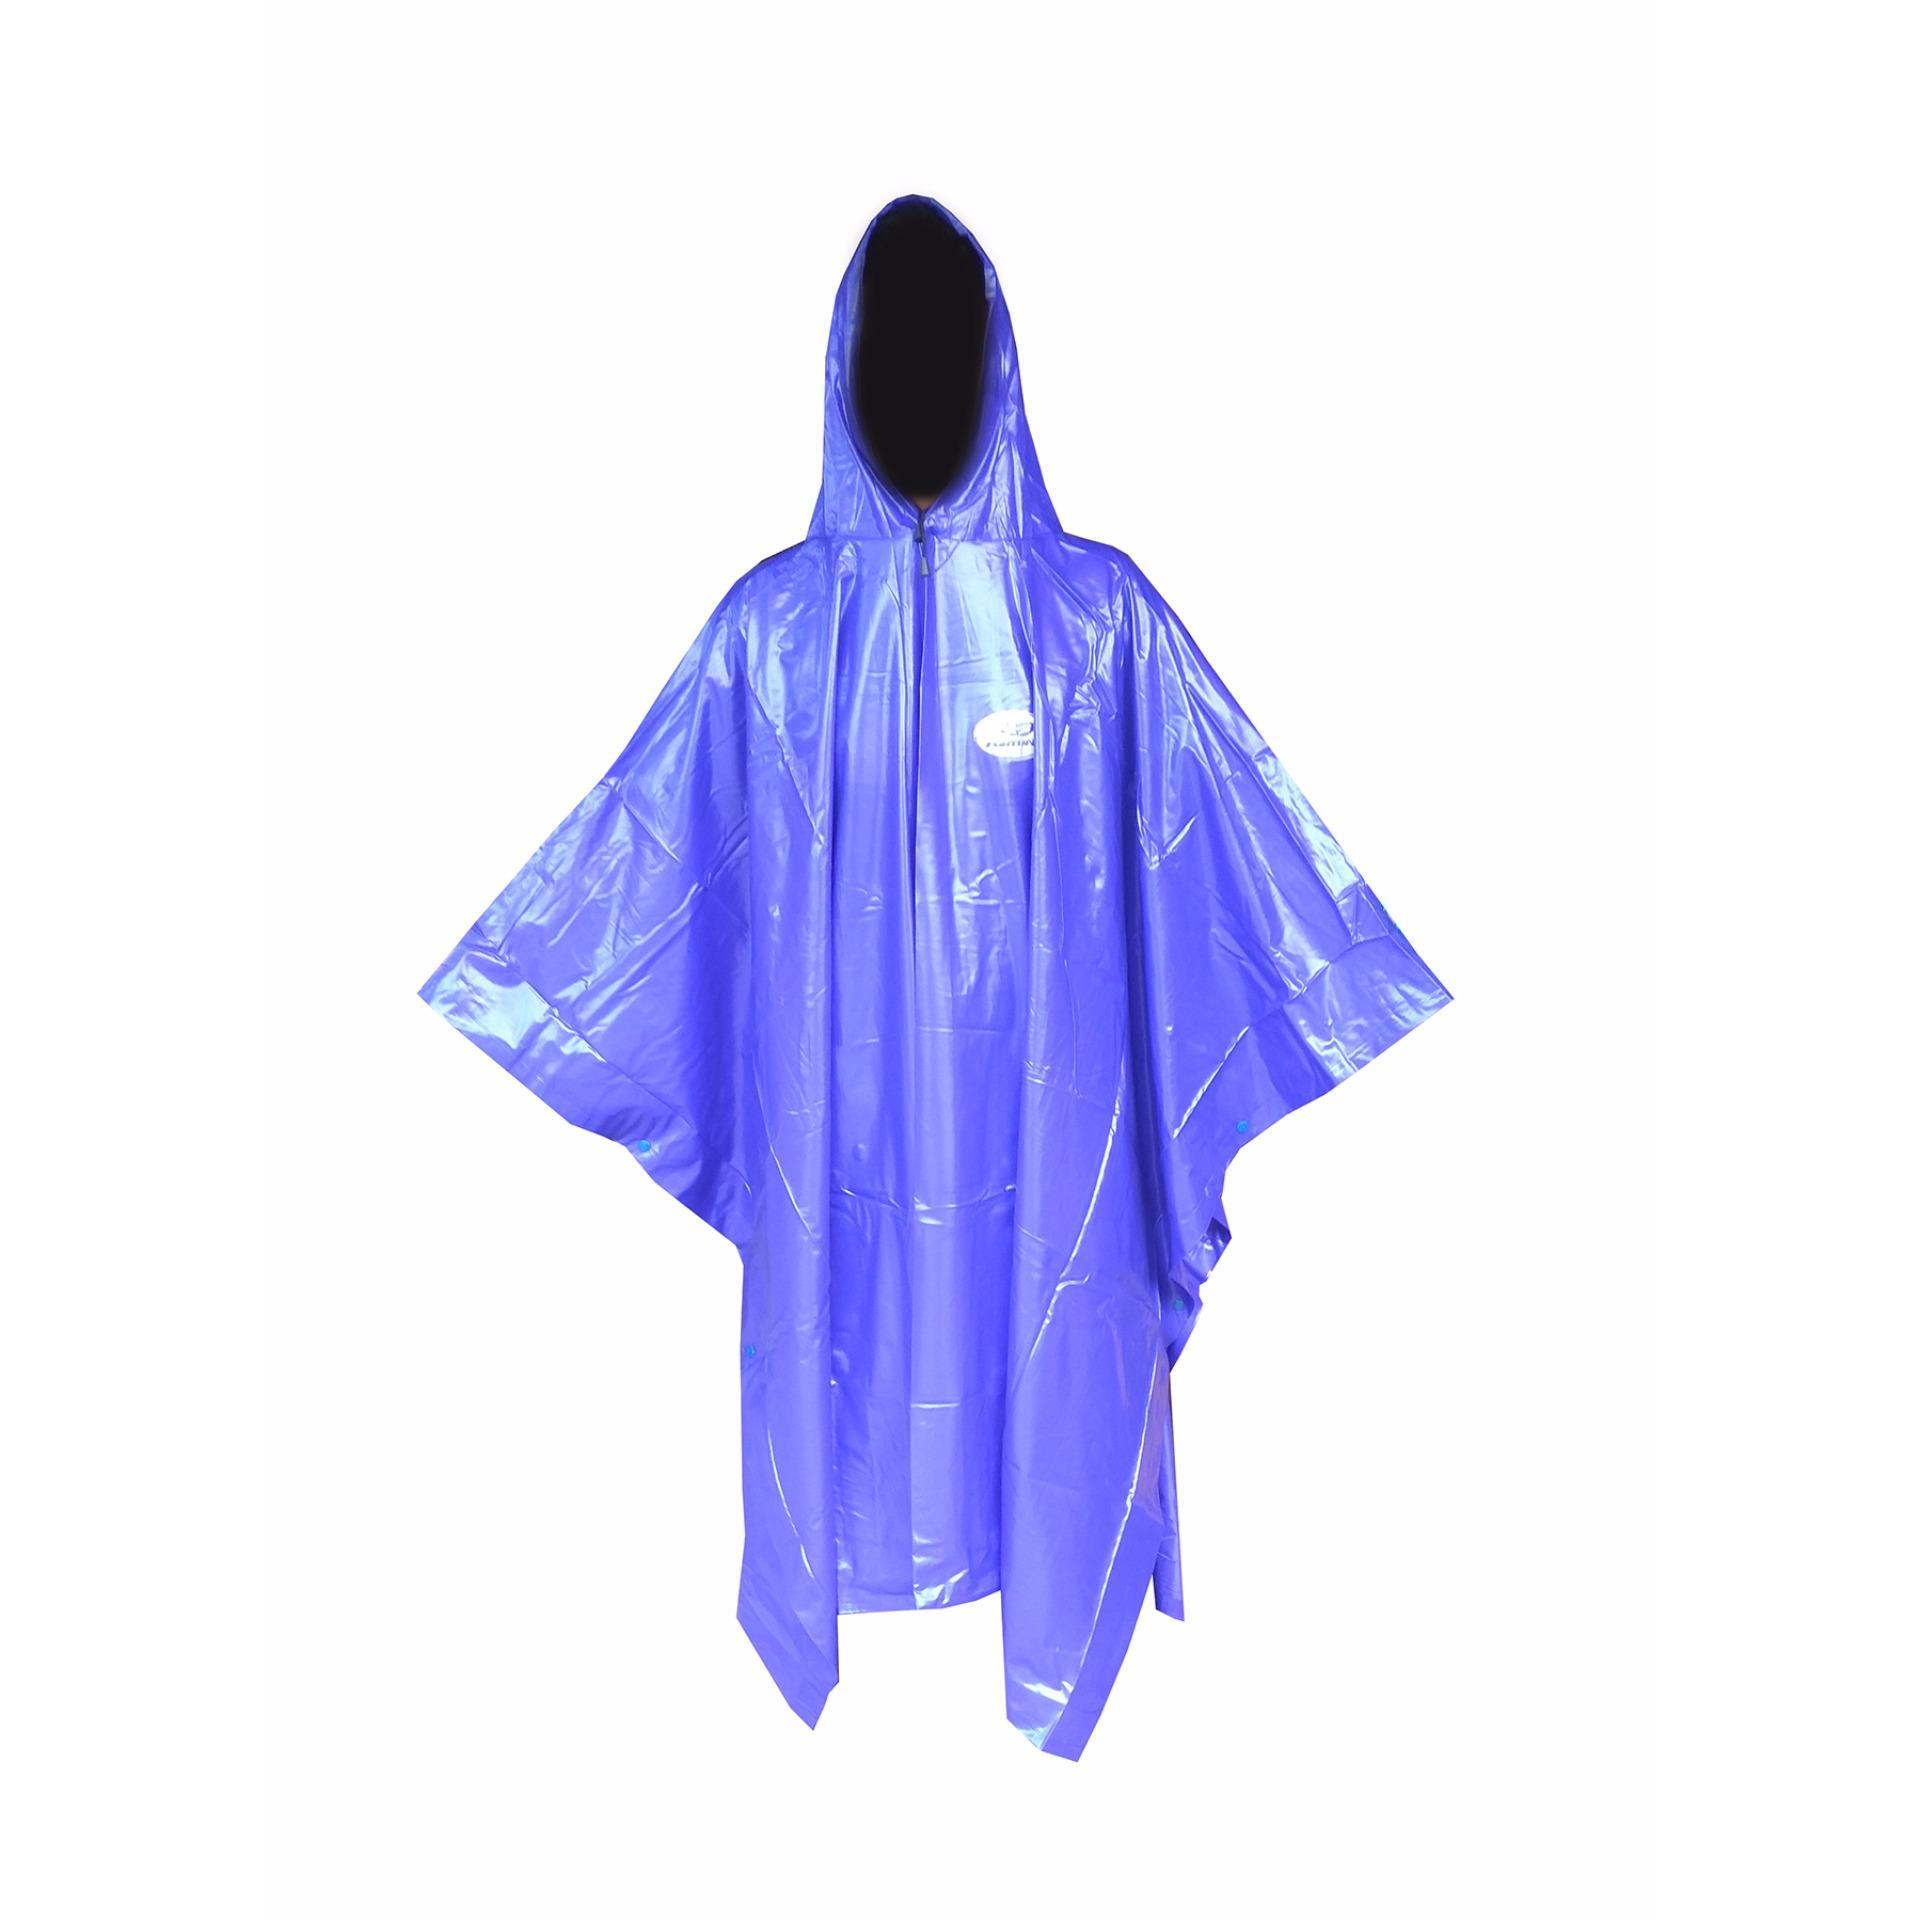 Harga Fortune Jas Hujan Ponco Karet Pvc Tebal Beratnya Hampir 1Kg Tipe F613 Biru Baru Murah